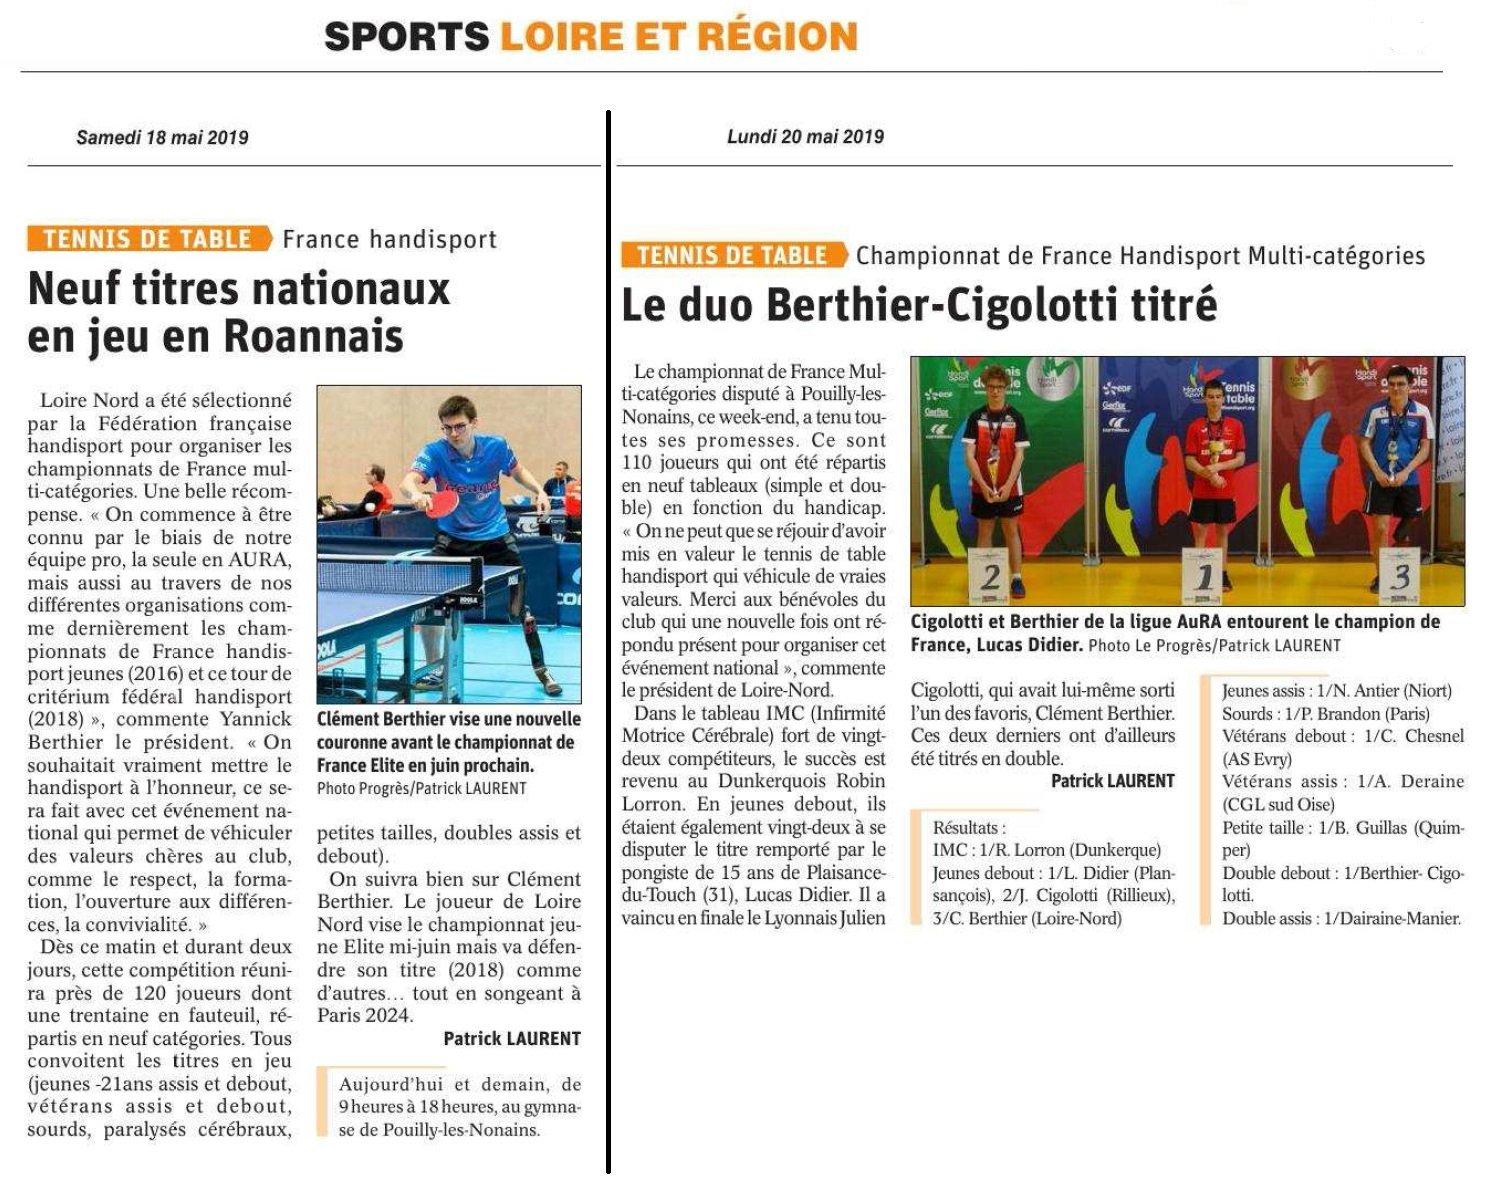 Résultats des Championnats de France Handisport